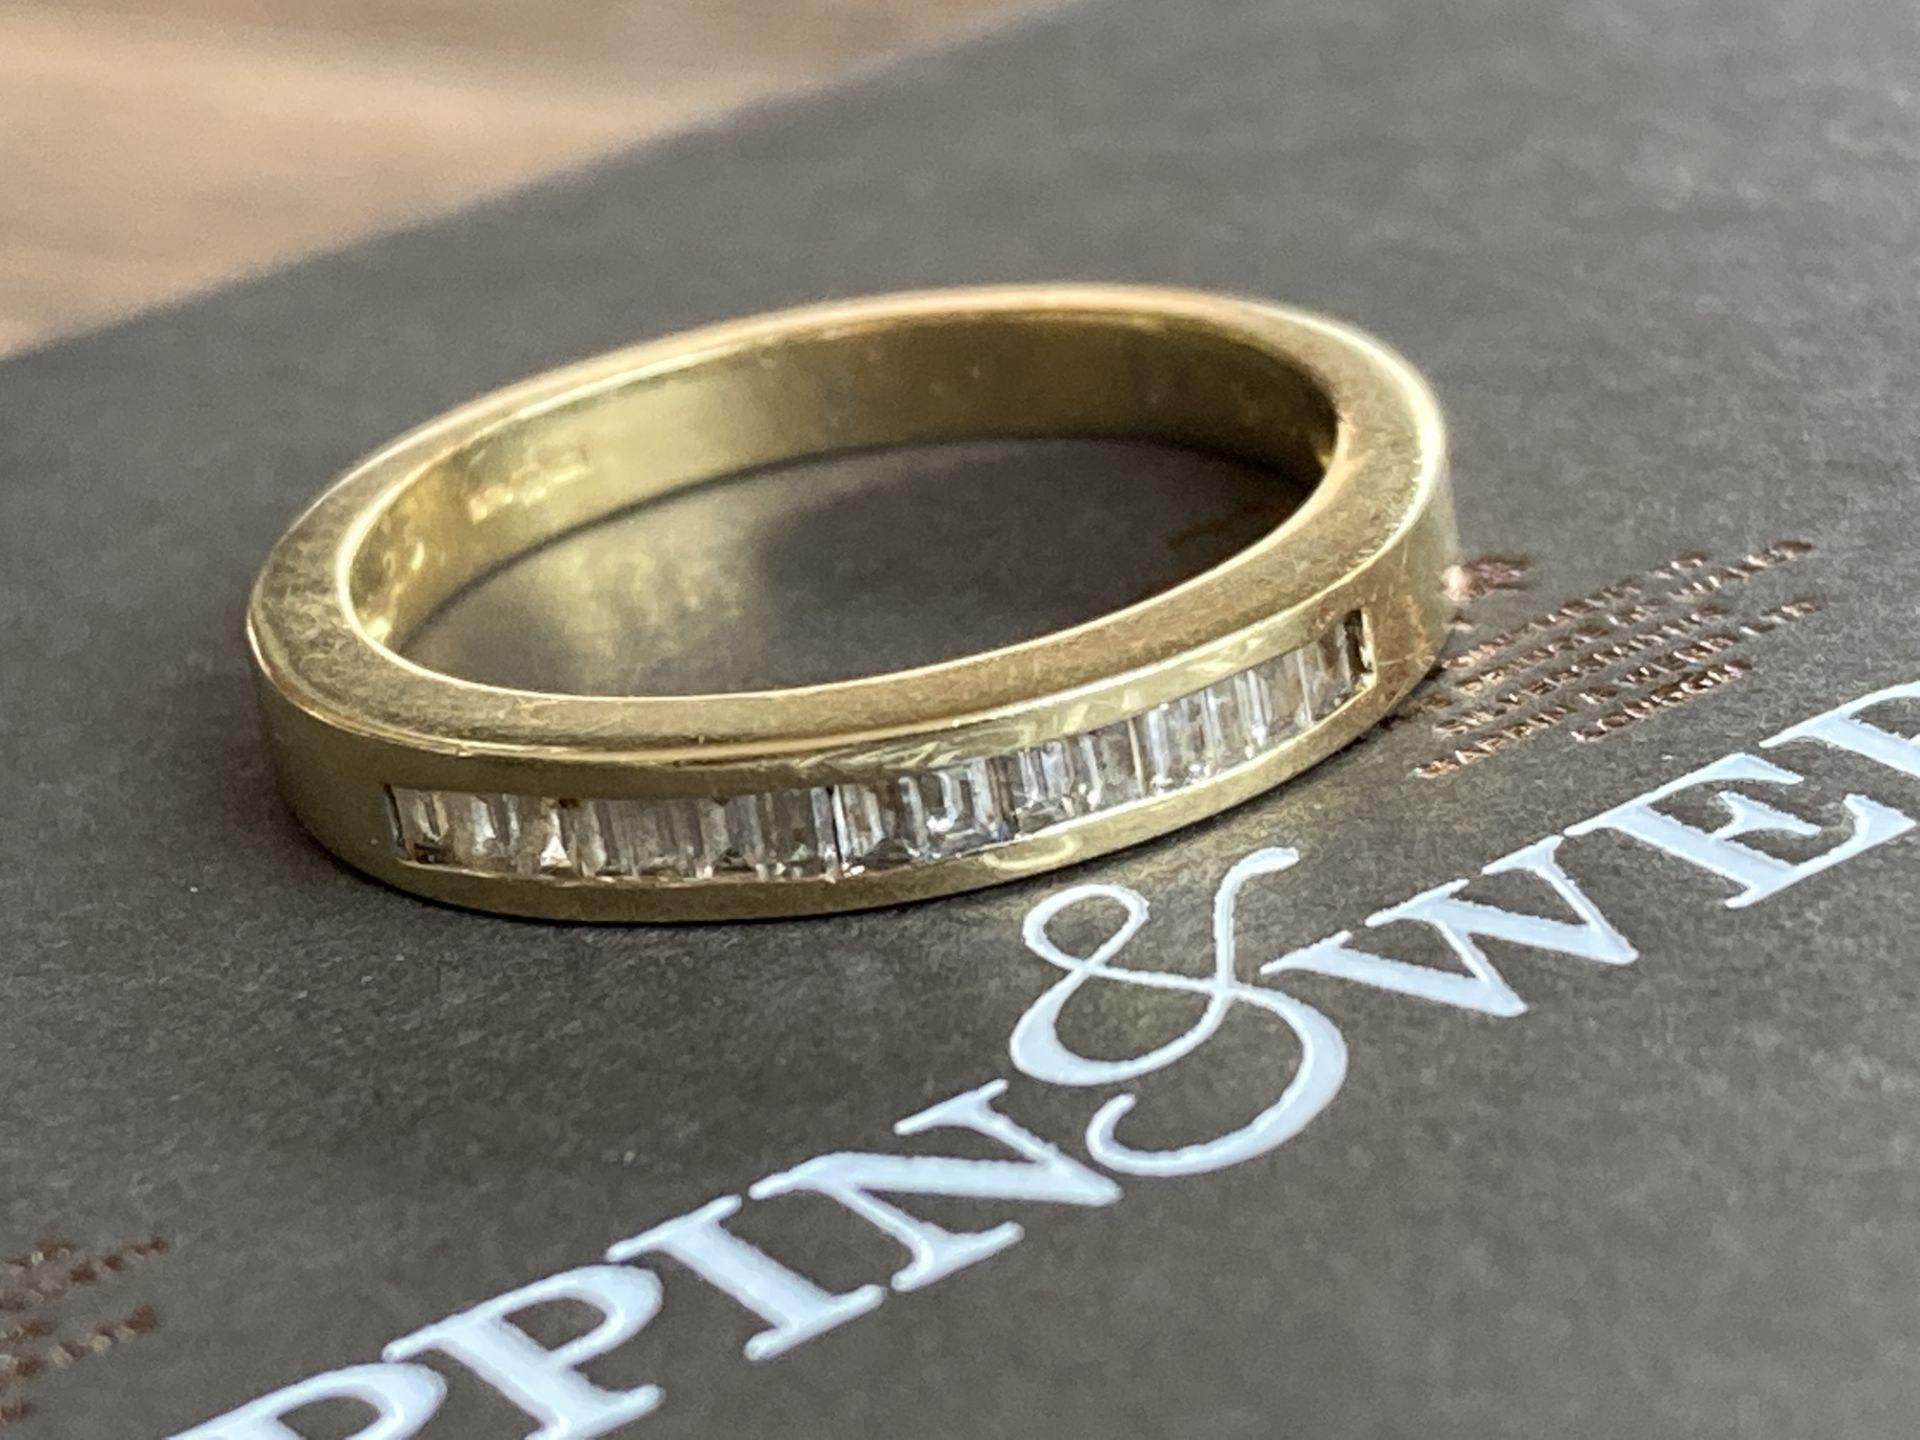 18K GOLD 0.3CT DIAMOND RING - Image 2 of 2